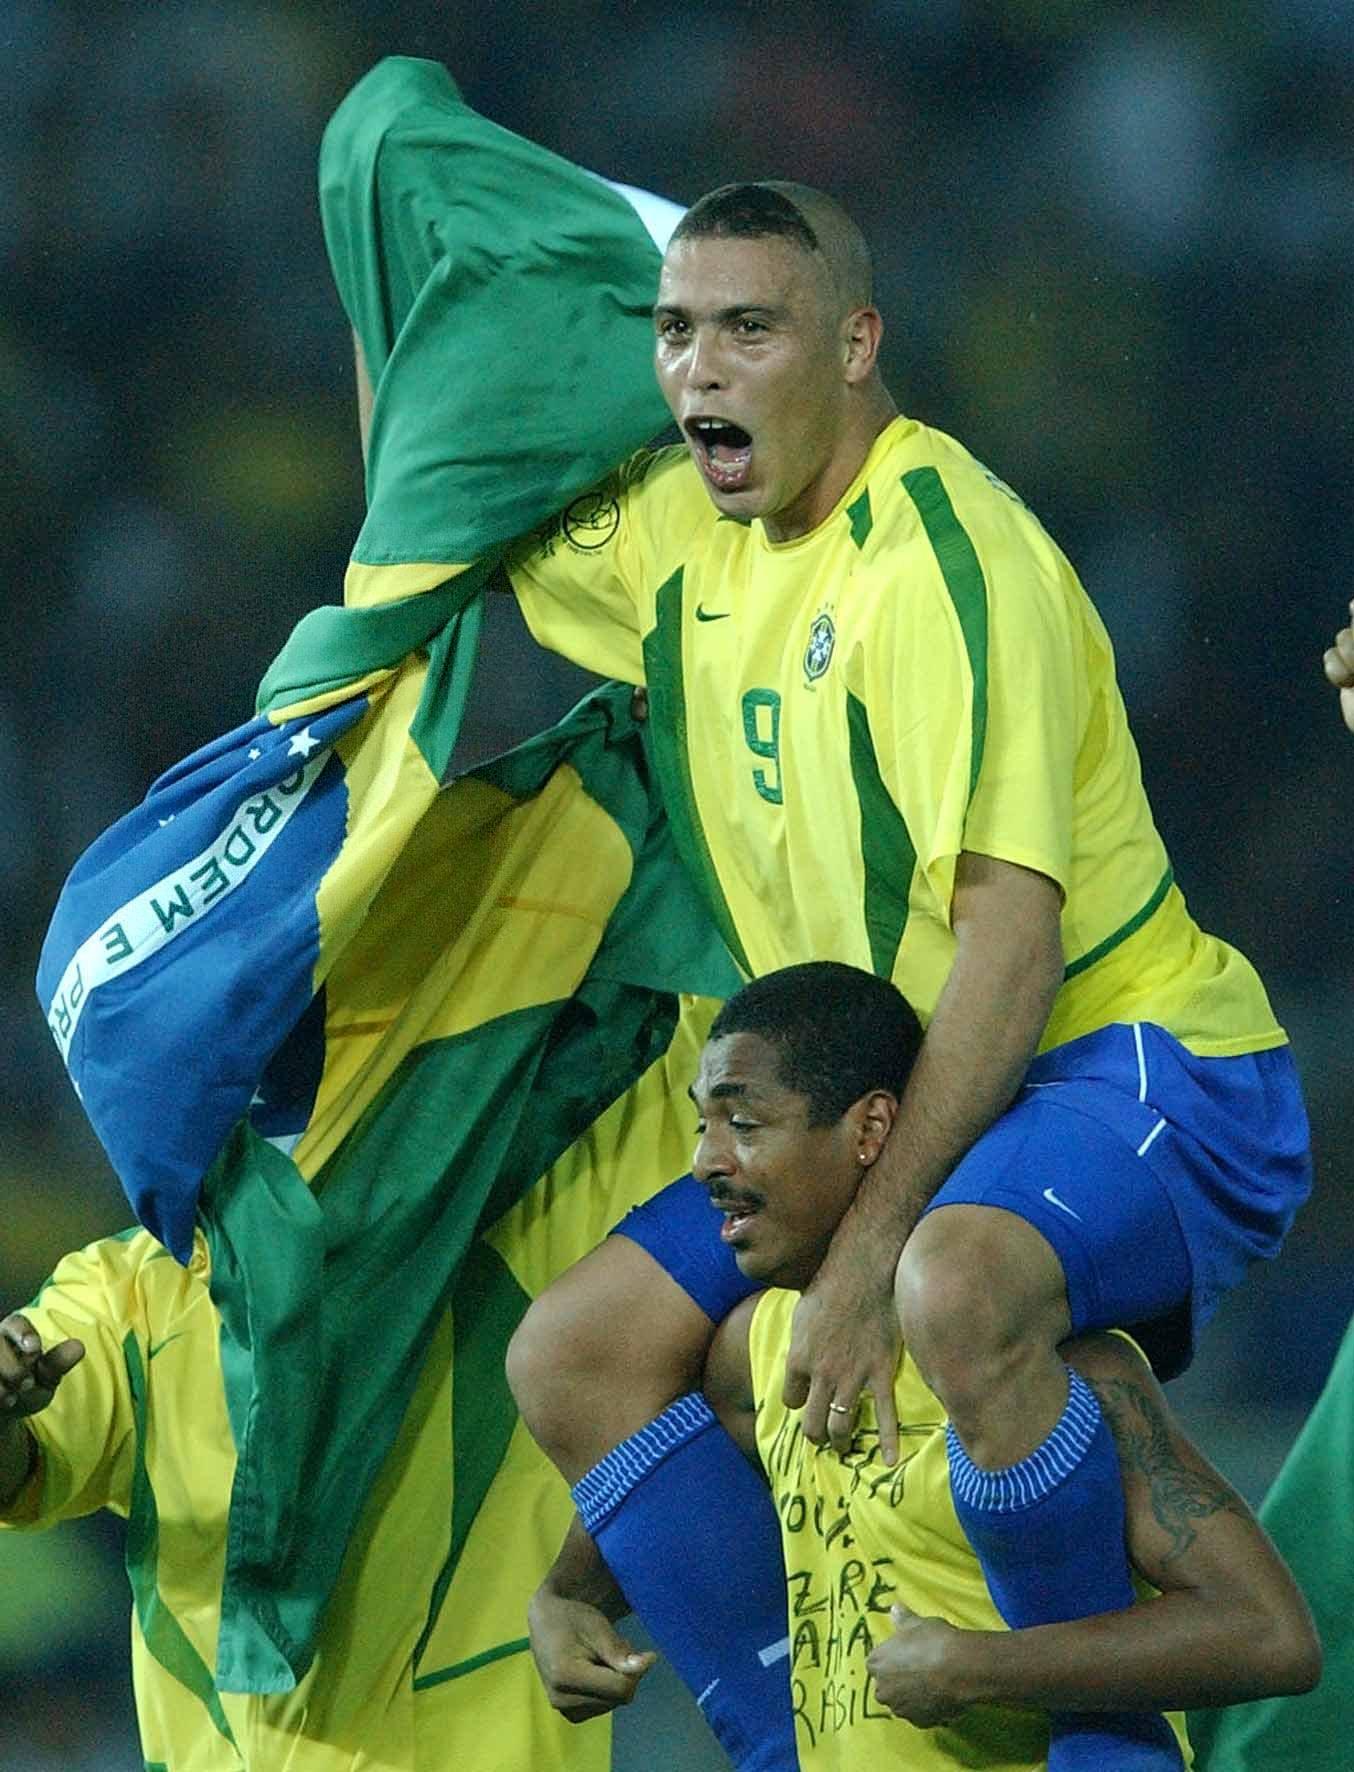 """2002年世界杯决赛前,正当人们担心罗纳尔多是否会像四年前一样迷失在决赛赛场上时,""""外星人""""以一个全新发型亮相,一扫四年前法兰西大球场的阴霾,在决赛中打入两球帮助巴西队战胜德国队,第五次捧起大力神杯。这个发型被中国球迷戏称为""""阿福头""""。\\\\r\\\\n图为2002年6月30日,巴西队球员罗纳尔多(上)与队友在世界杯颁奖仪式上庆祝夺冠。"""